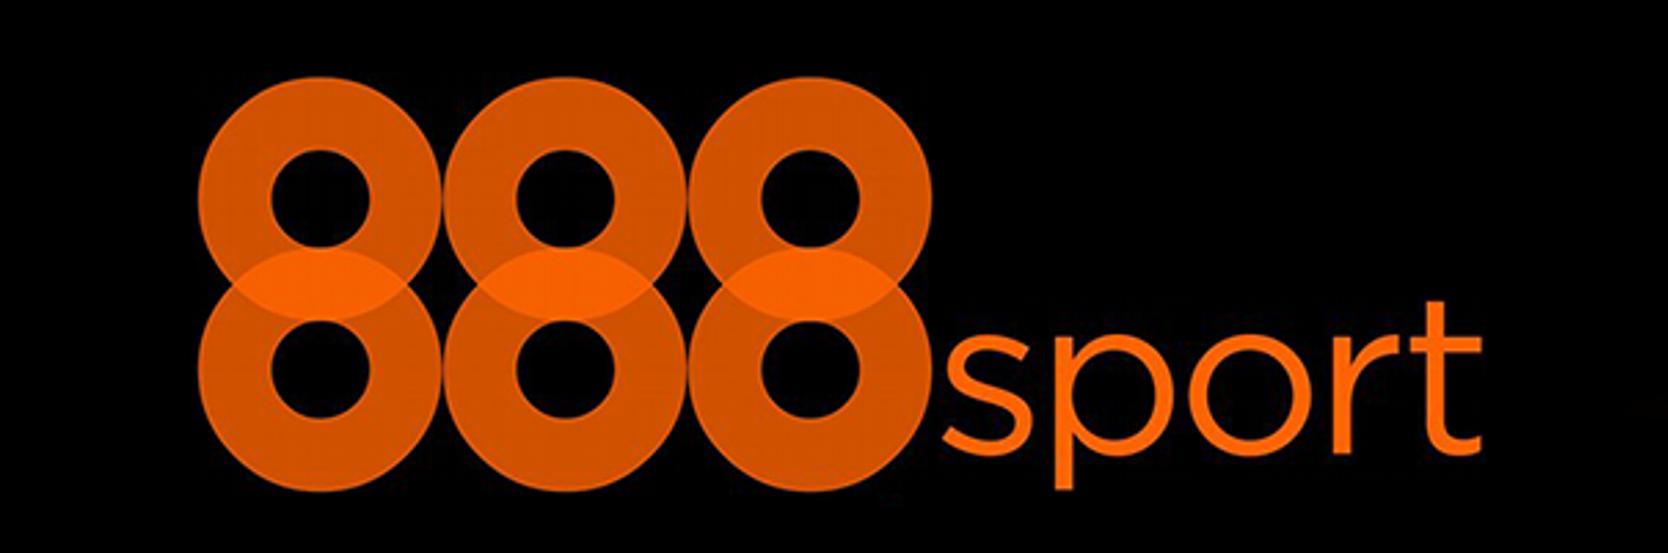 Bet 888